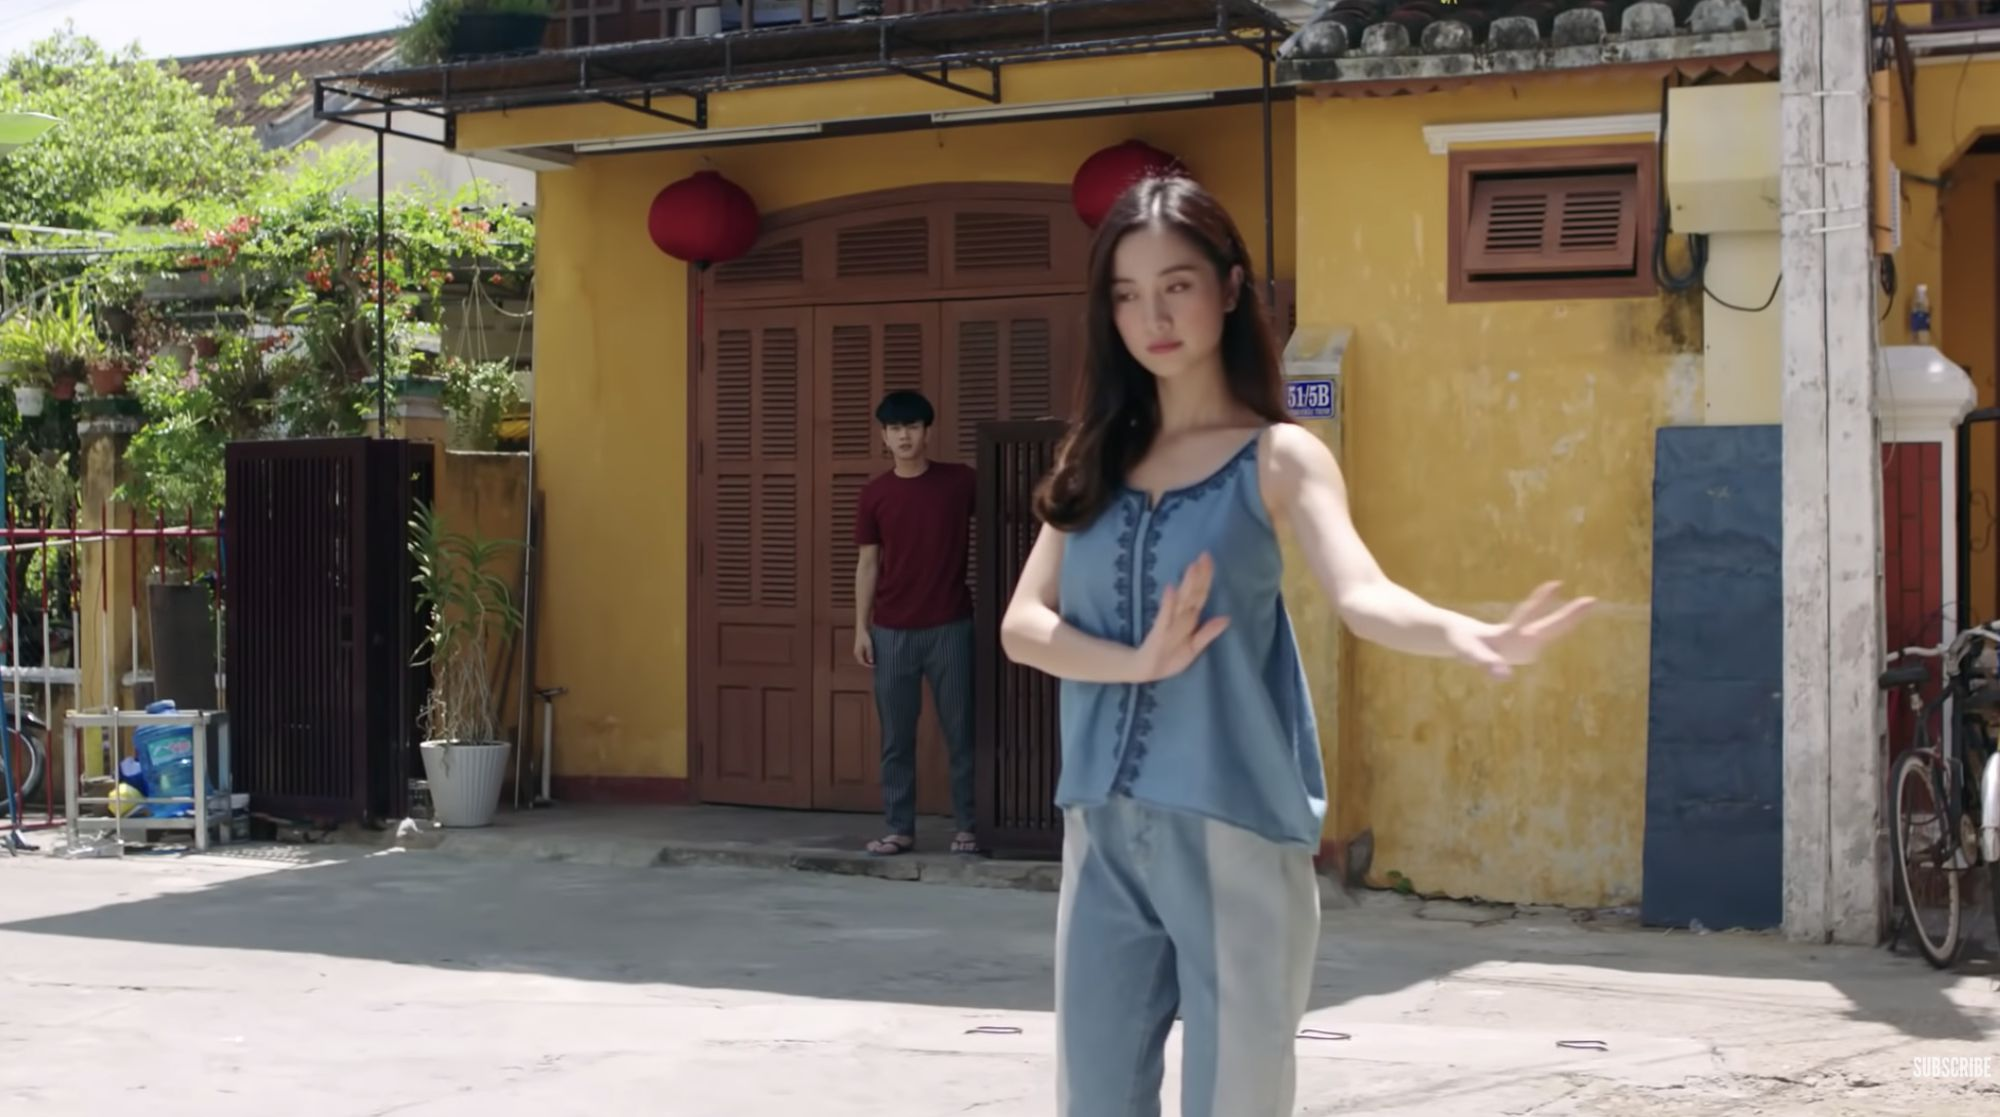 Phim Wolf (Trò Chơi Săn Người) Thái Lan hút khán giả ngay khi lên sóng (8)